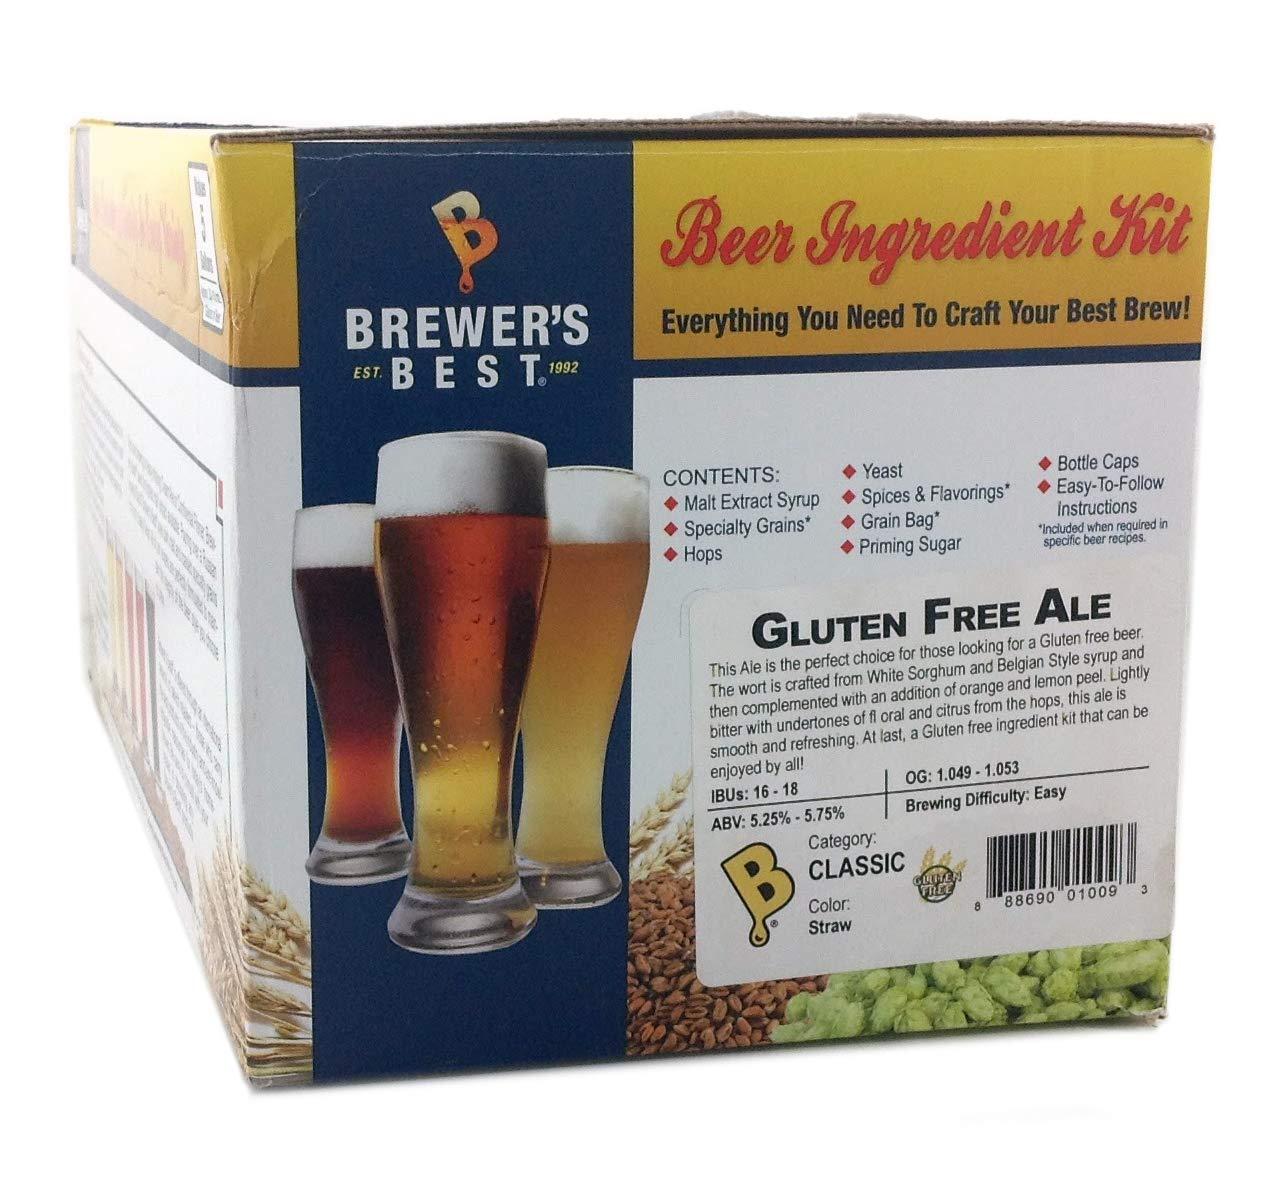 Brewers Best Gluten Free Ale by Brewer's Best